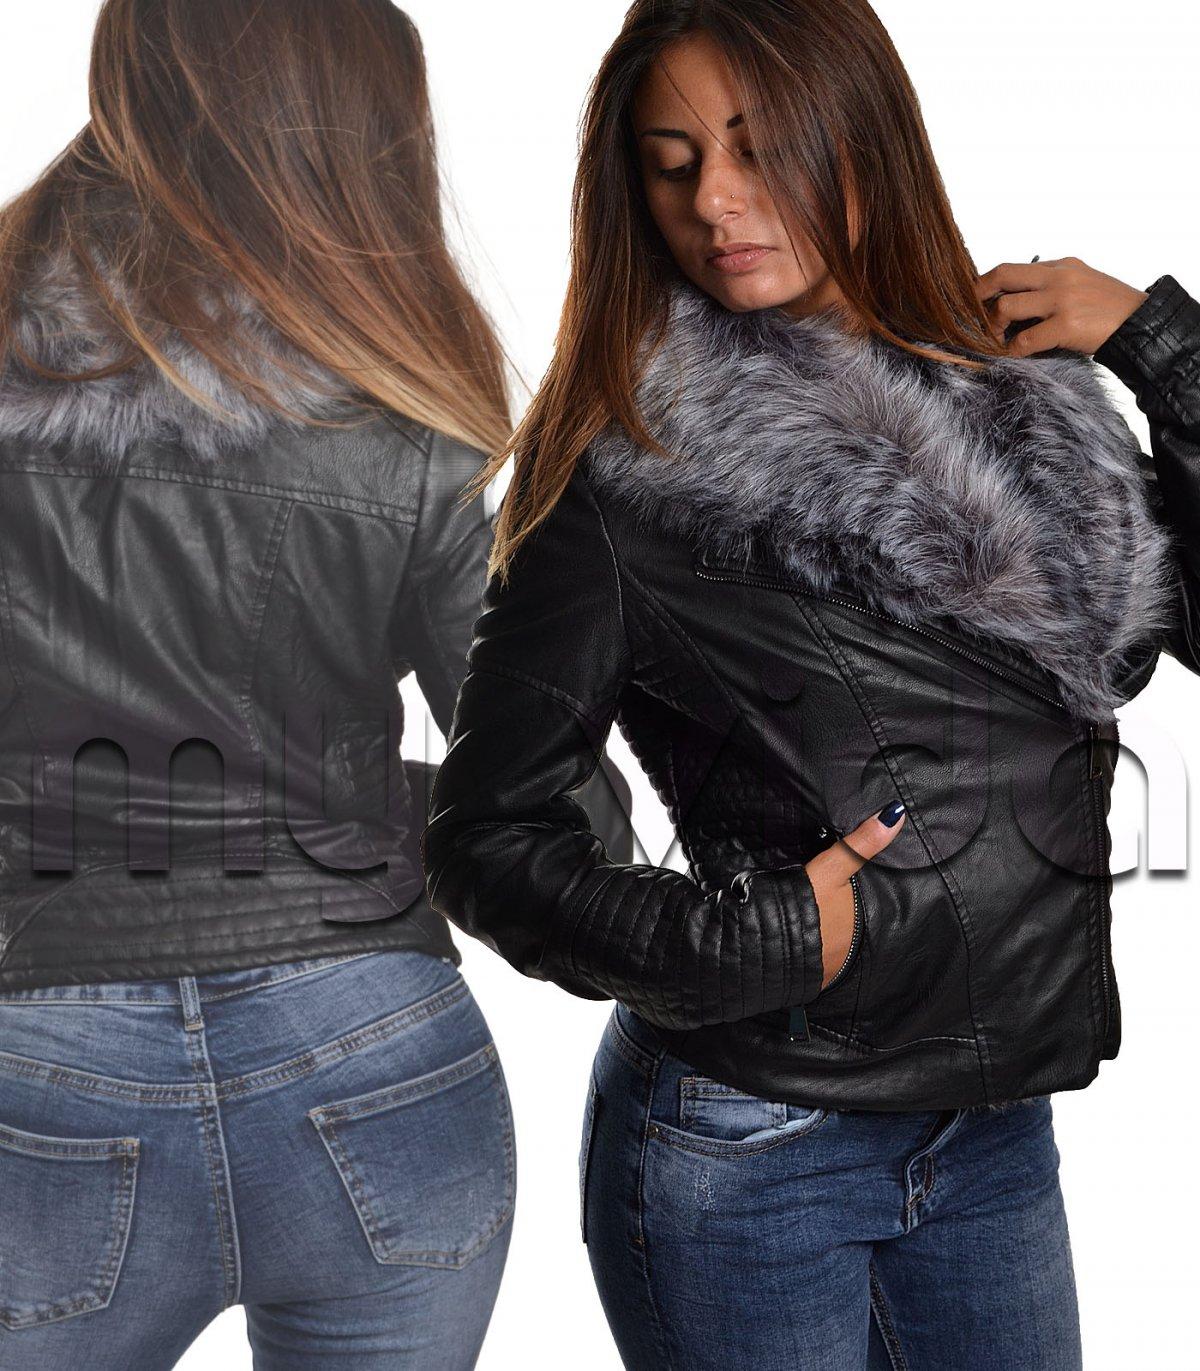 new product ead83 2913f Giacca donna giubbino ecopelle con pelliccia | My Vida